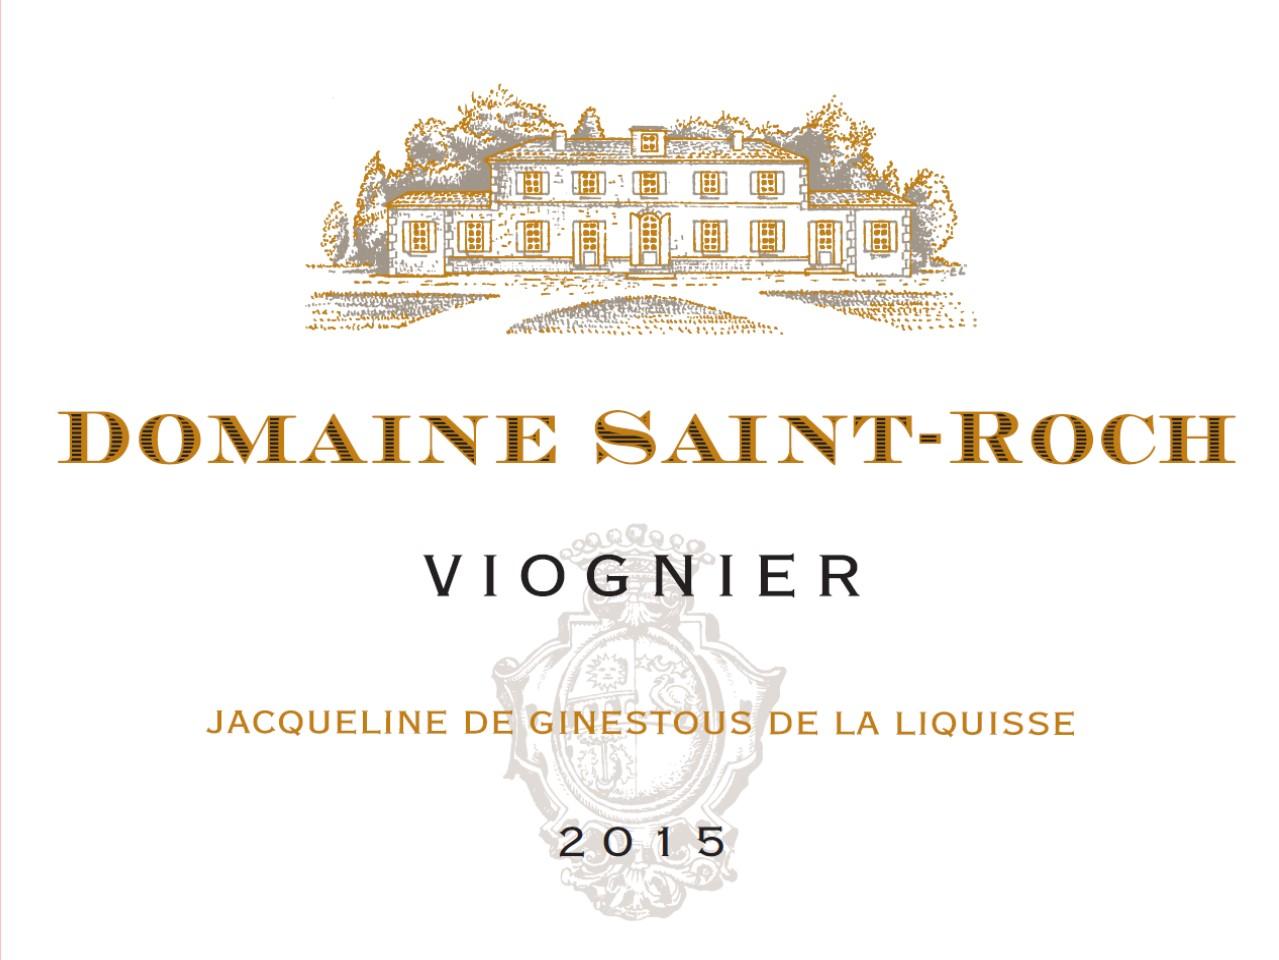 Domaine Saint Roch blanc Viognier 2016 IGP